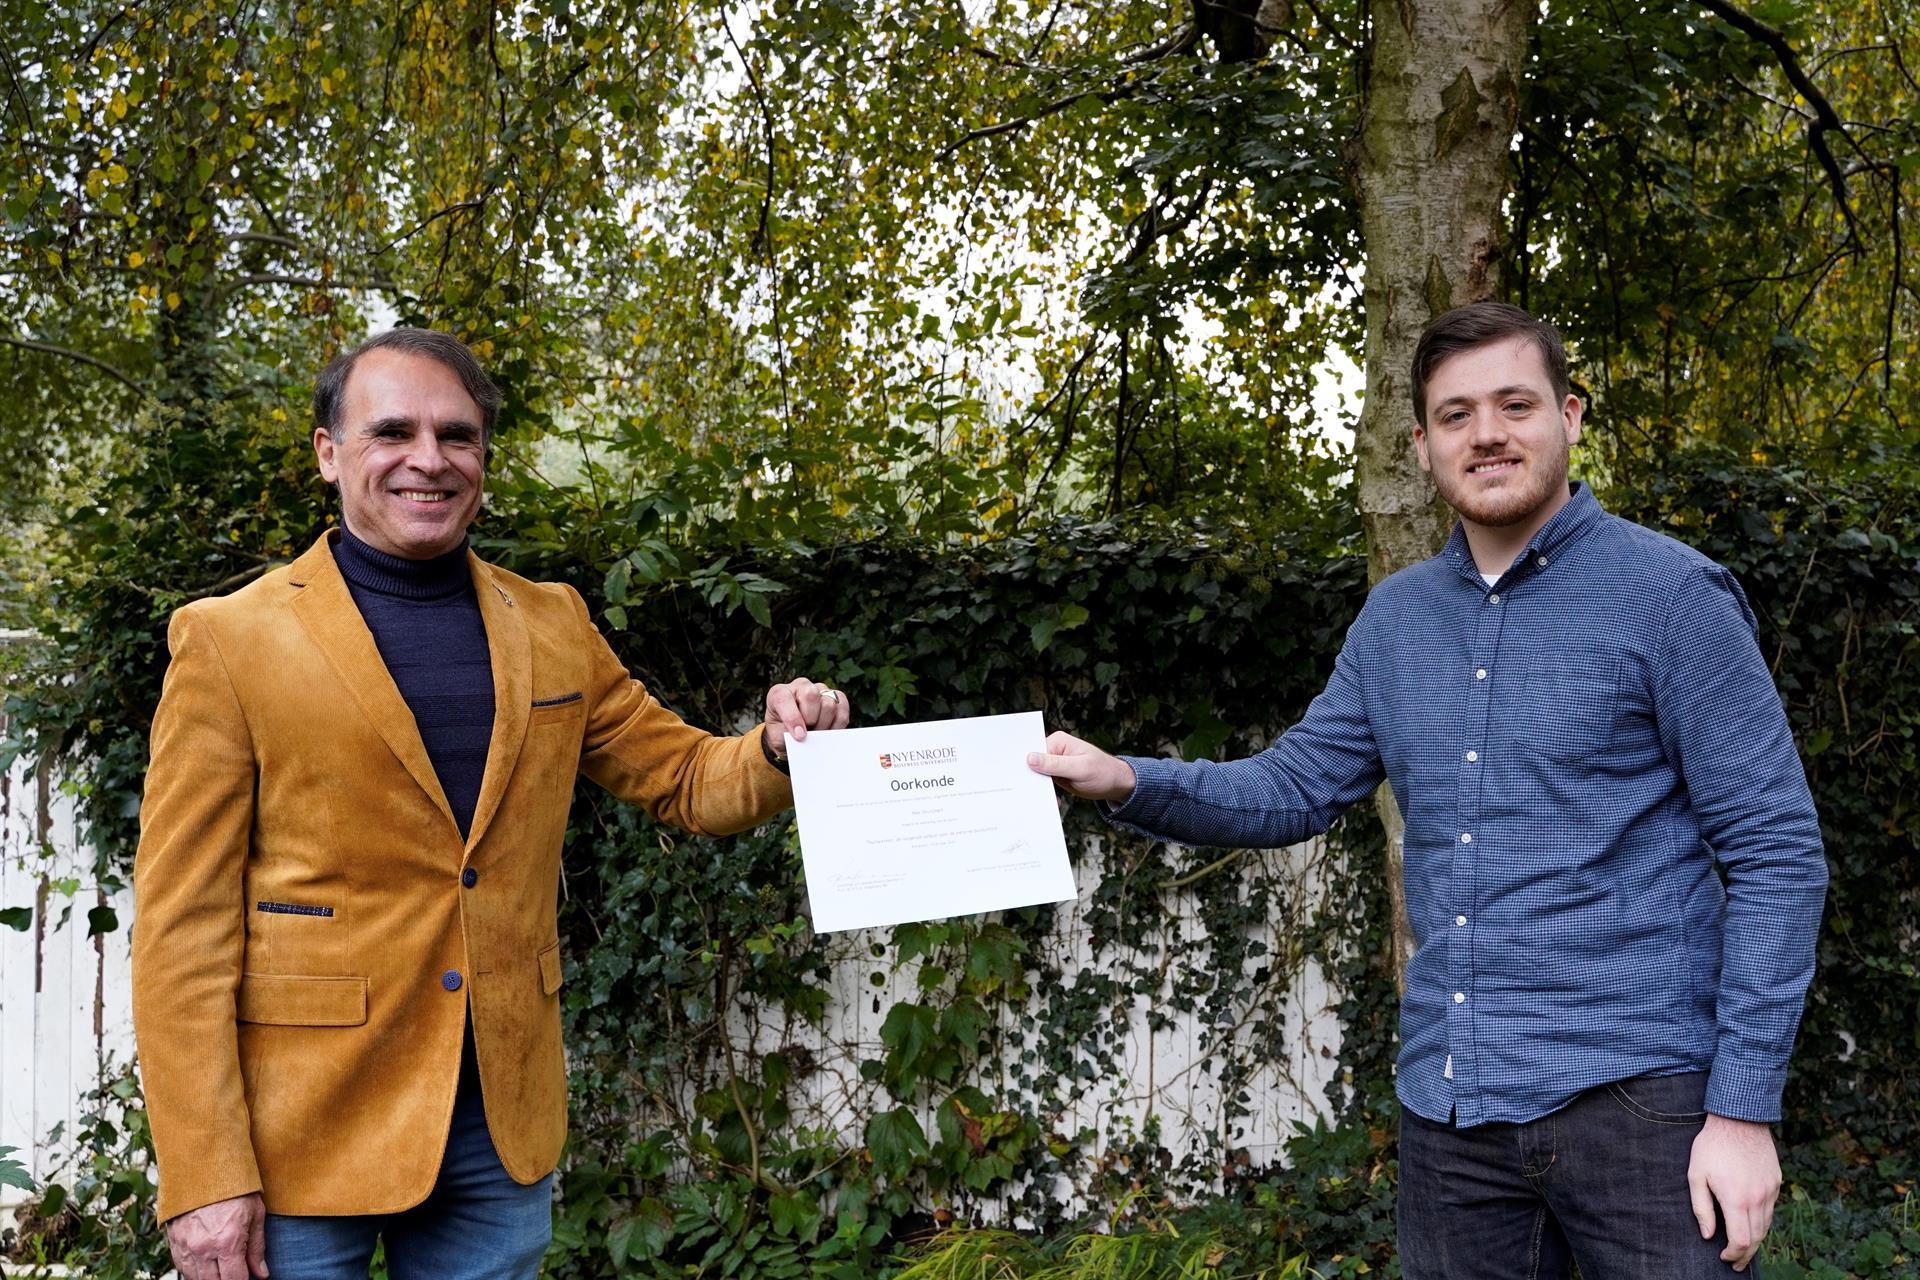 Max Struijlaart 2de prijs BW Opinieprijs 141020 website